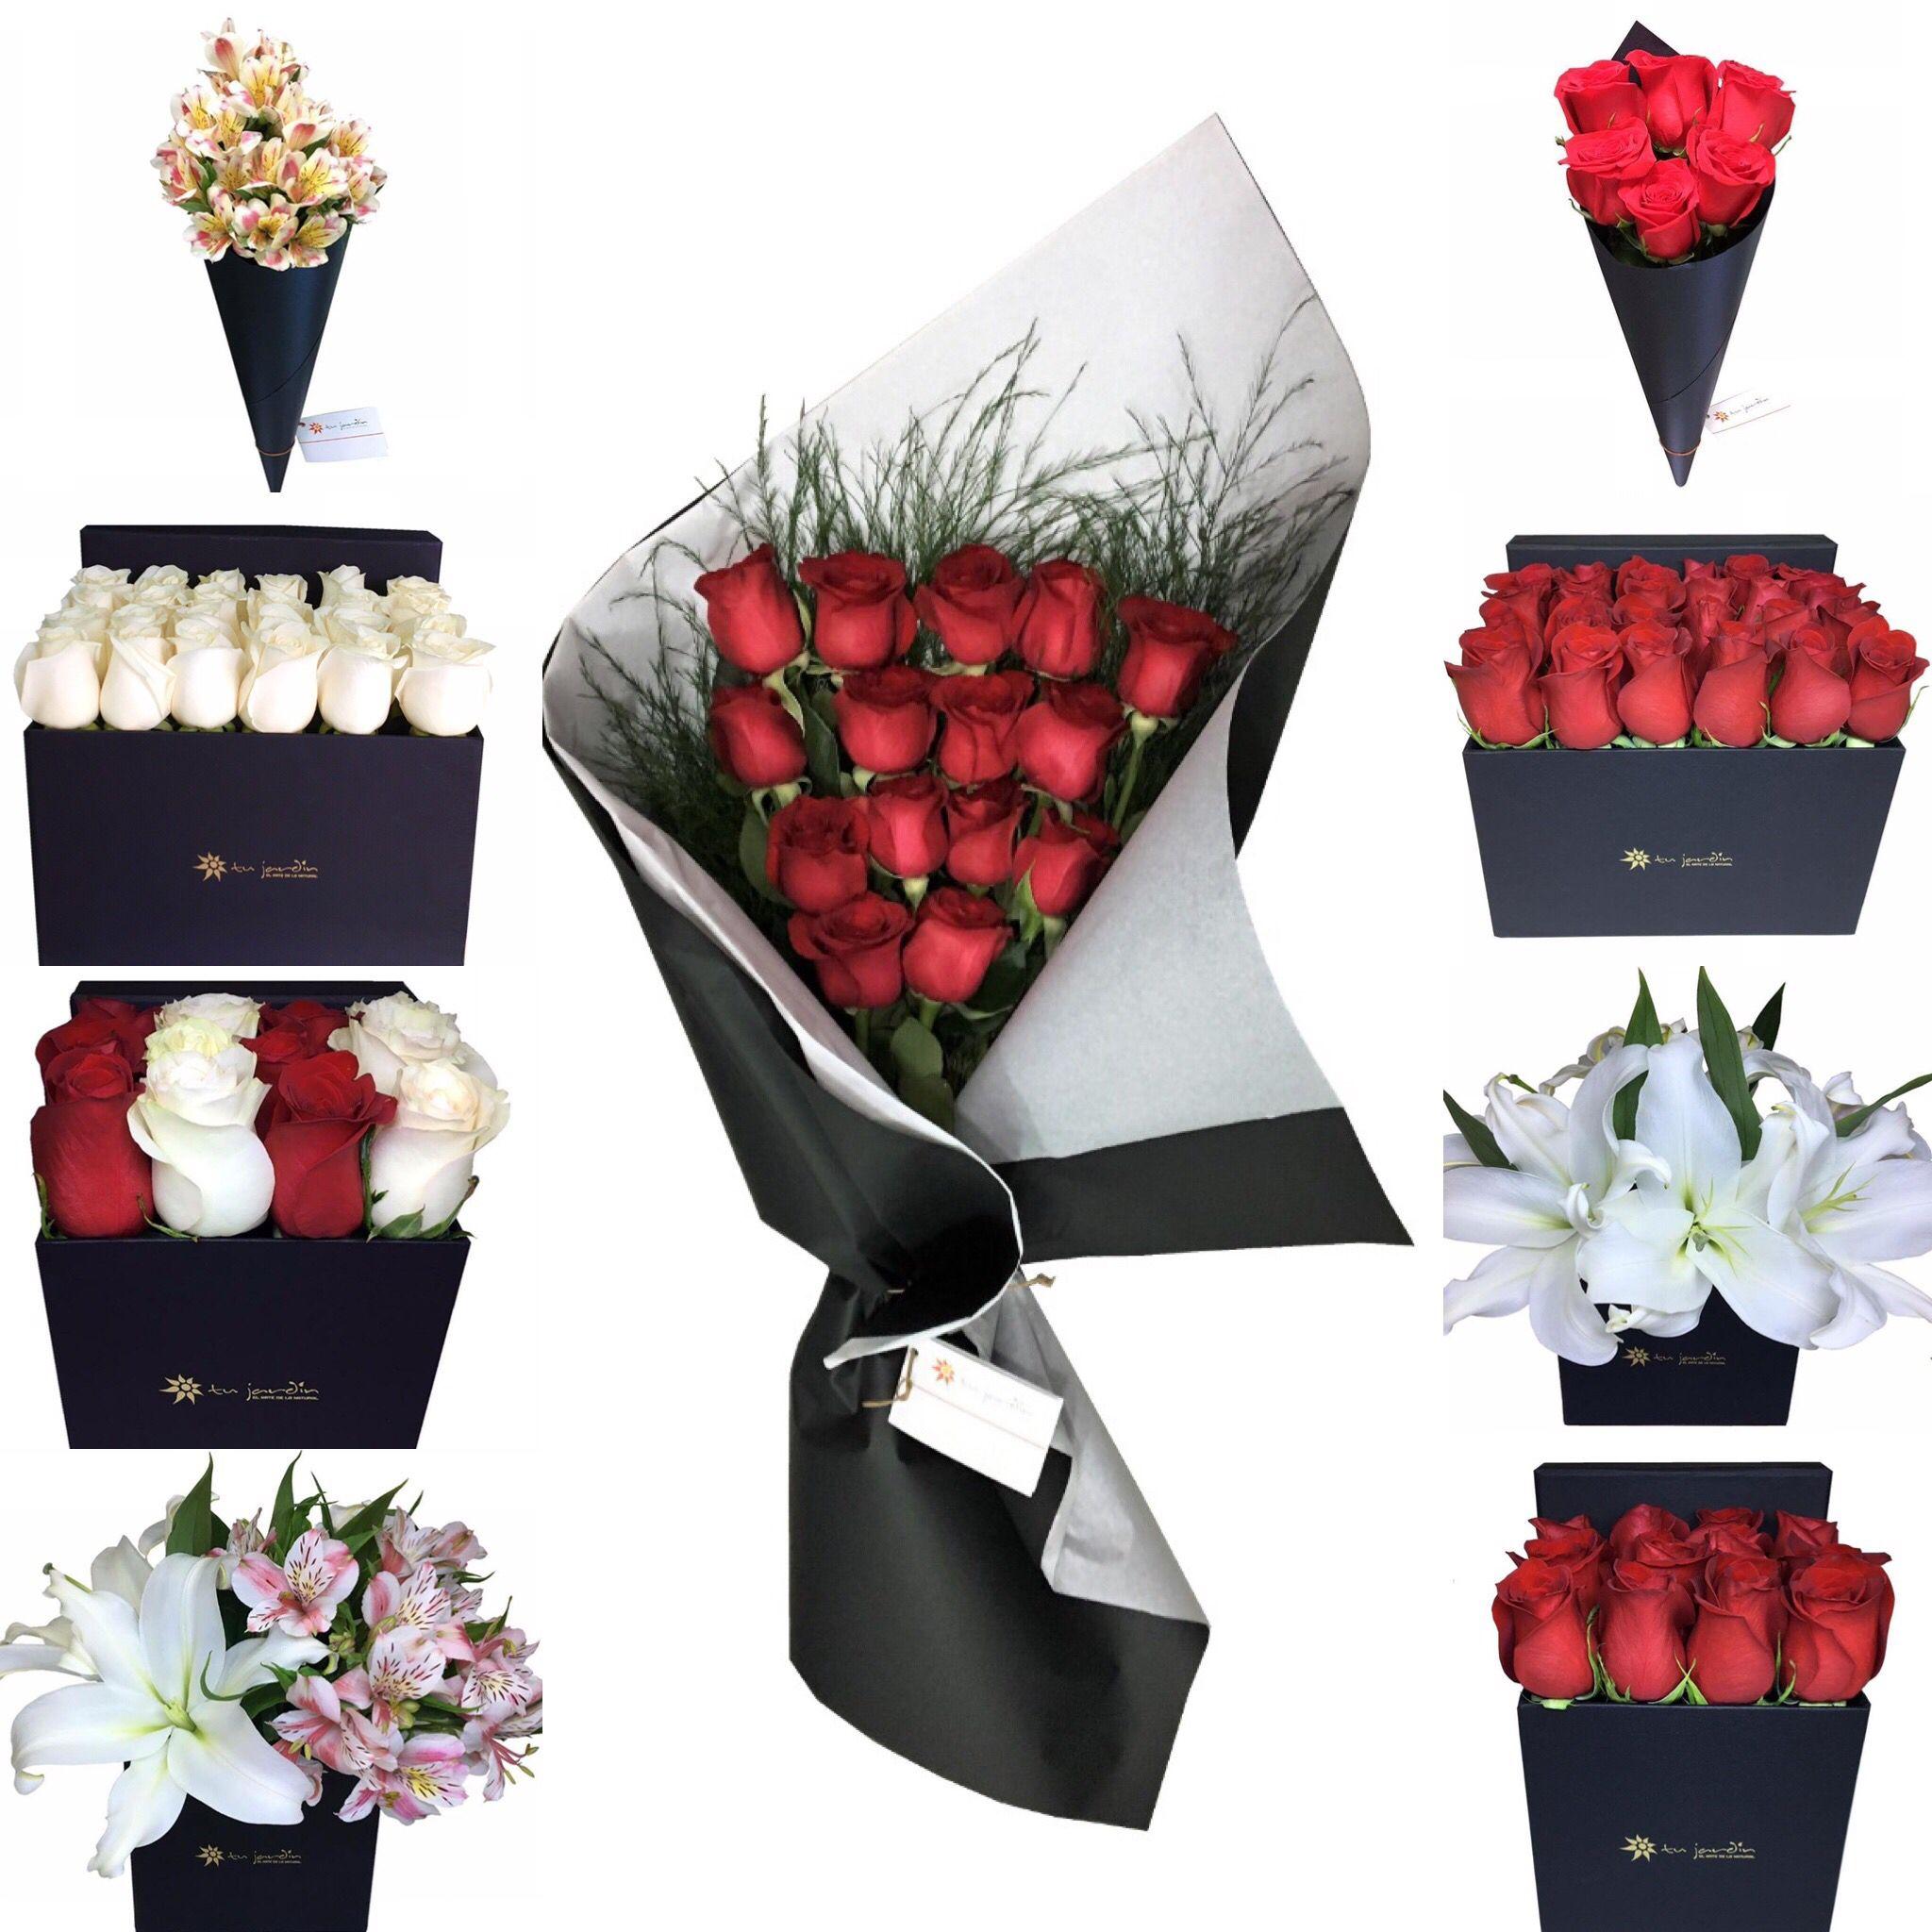 Ramos De Flores Flores En Caja Rosas Liliums Flores Flores En Caja Flores De Cumpleaños